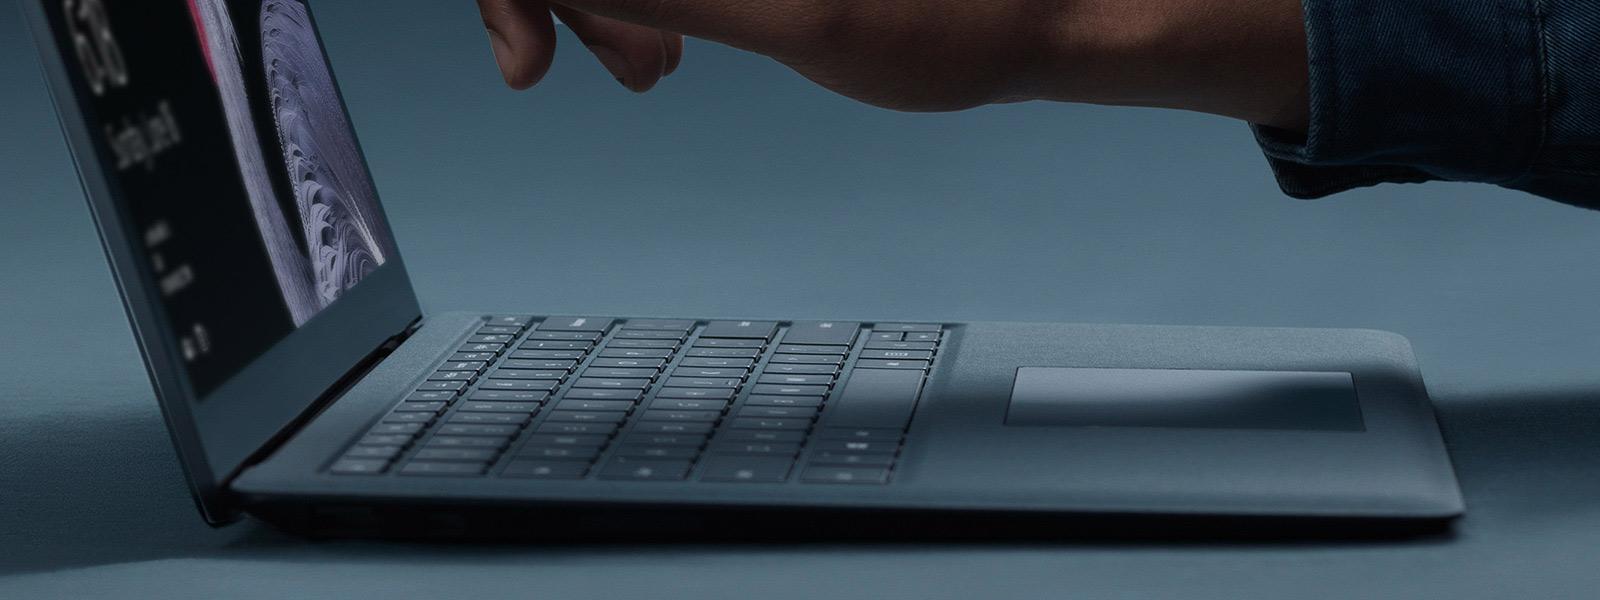 Bilden visar hur enkel Surface Laptop är att använda, vilken förfinad design den har och hur lätt den går att öppna med en hand